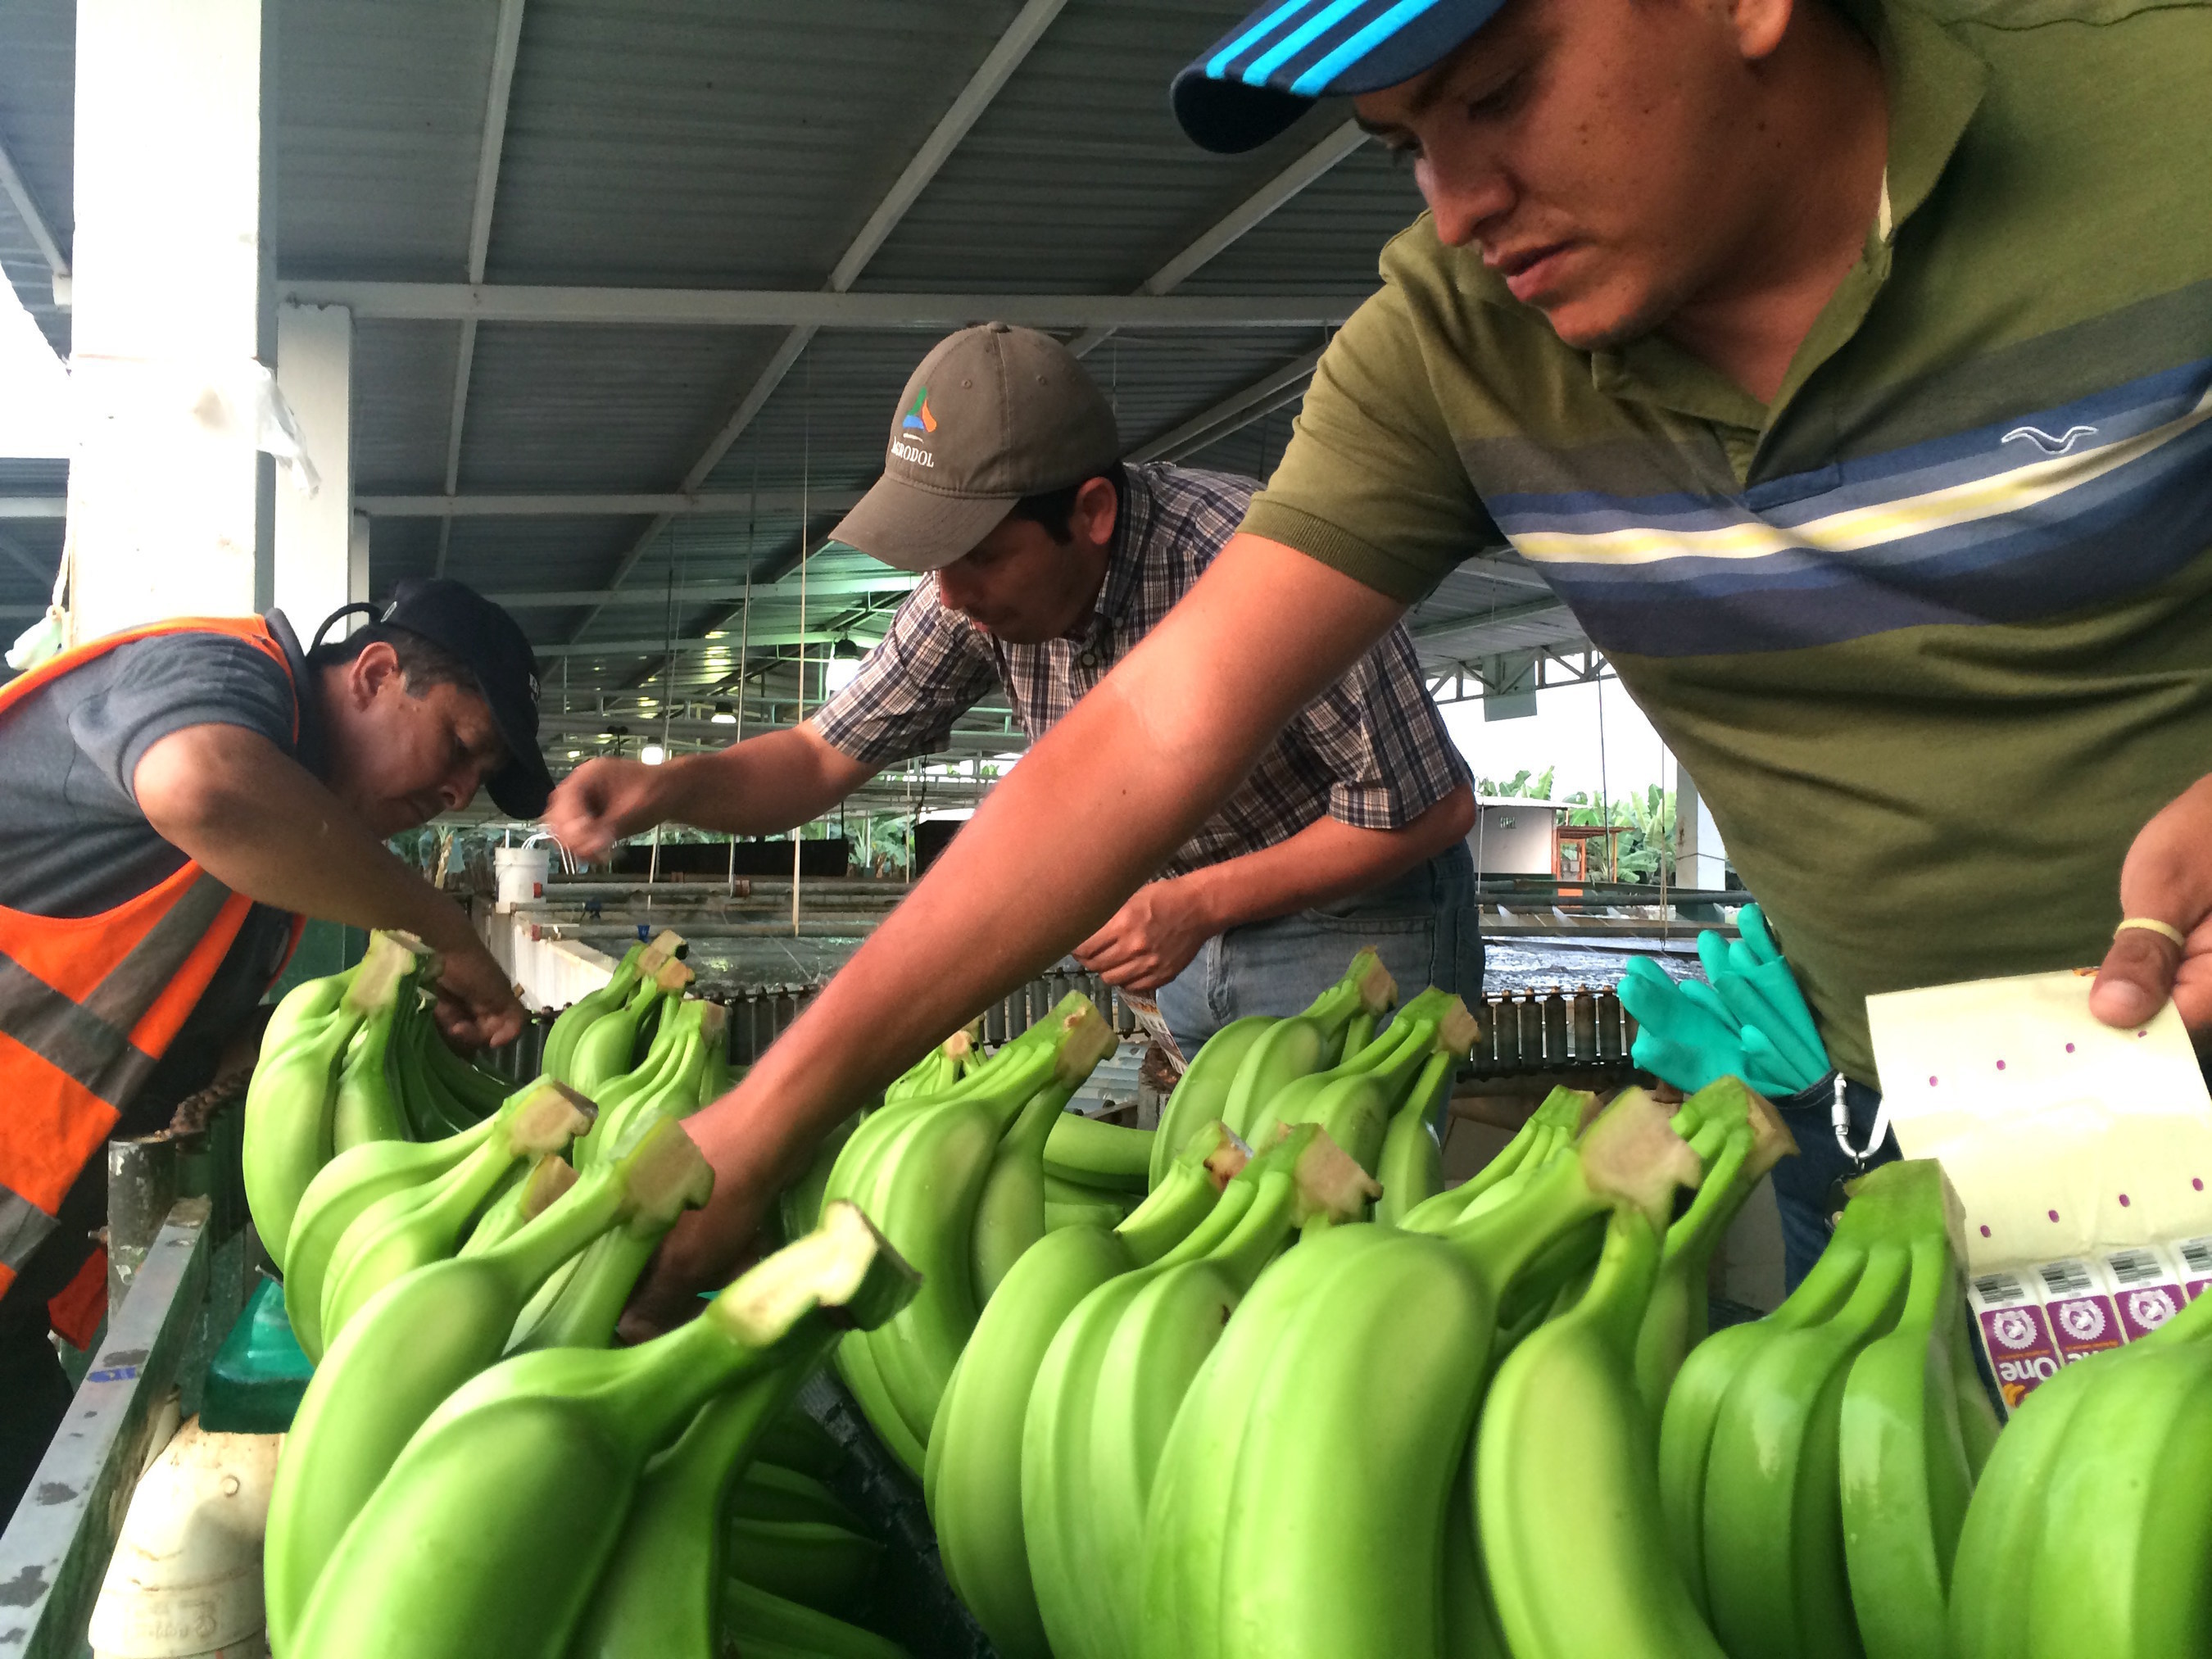 Frequentz, Inc. stellt Lösung für AgroAmerica zur Gewährleistung nachhaltig erzeugter Produkte